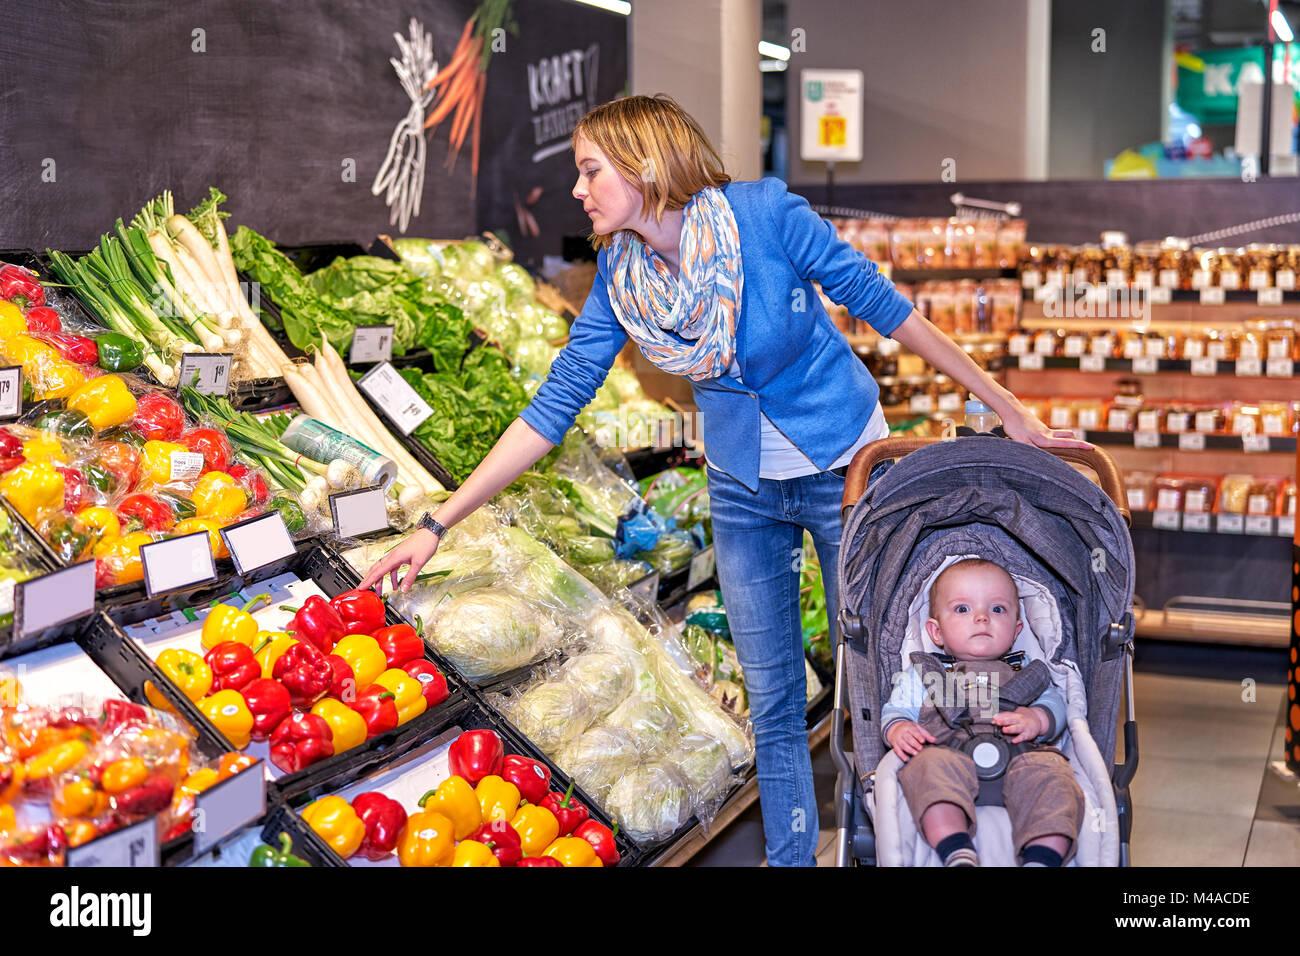 La femme en bleu veste et jeans comment choisir les légumes Photo Stock